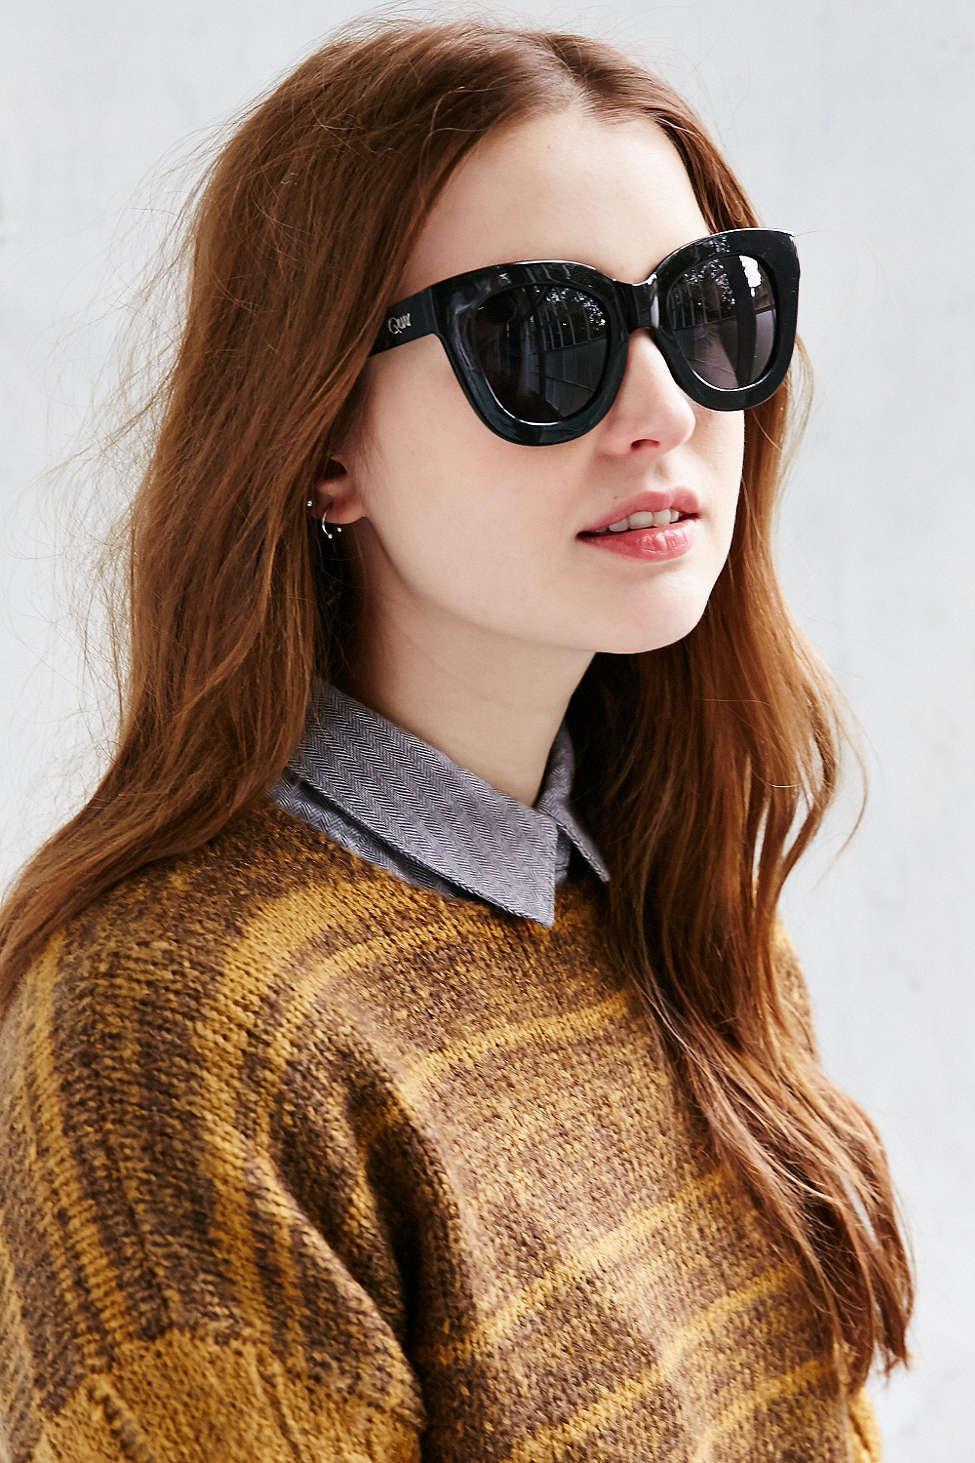 0ed0e02e05 Lyst - Quay Sugar + Spice Sunglasses in Black